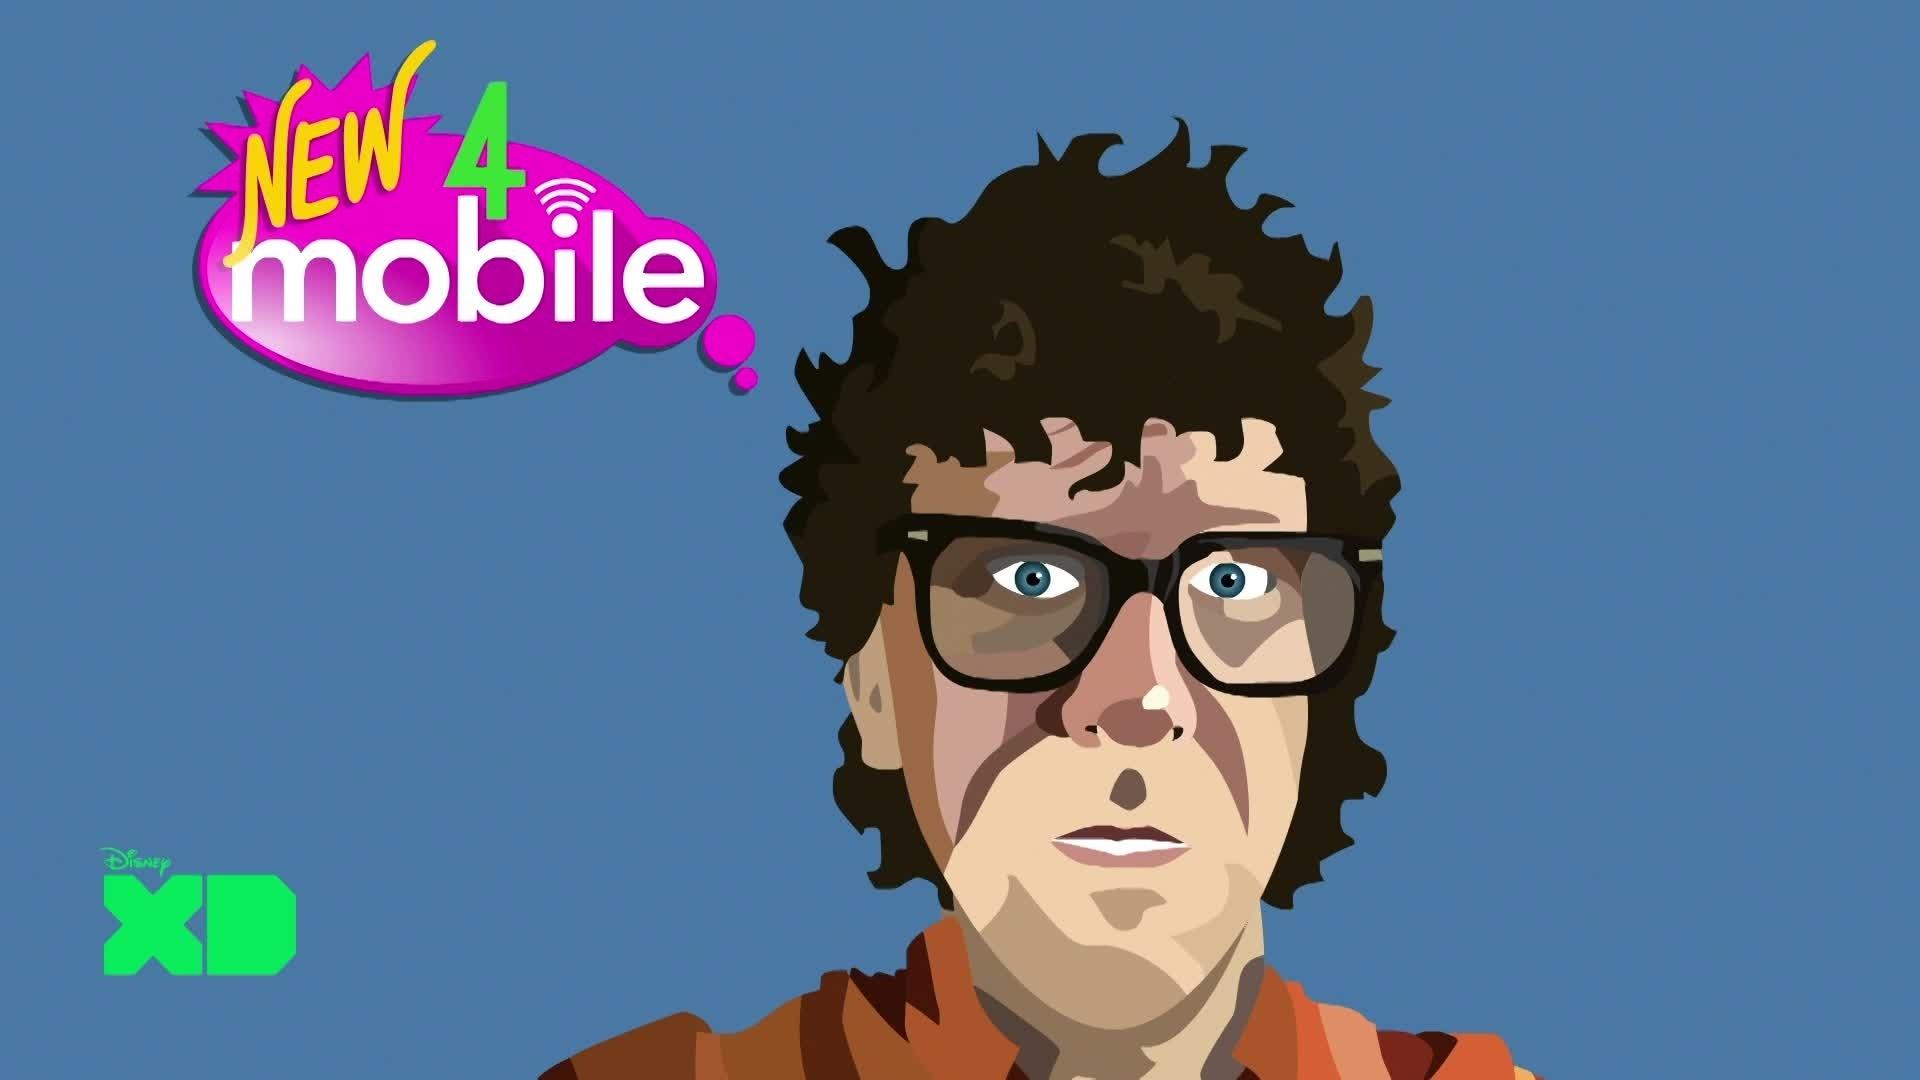 Le nouveau mobile 4 : Publicité